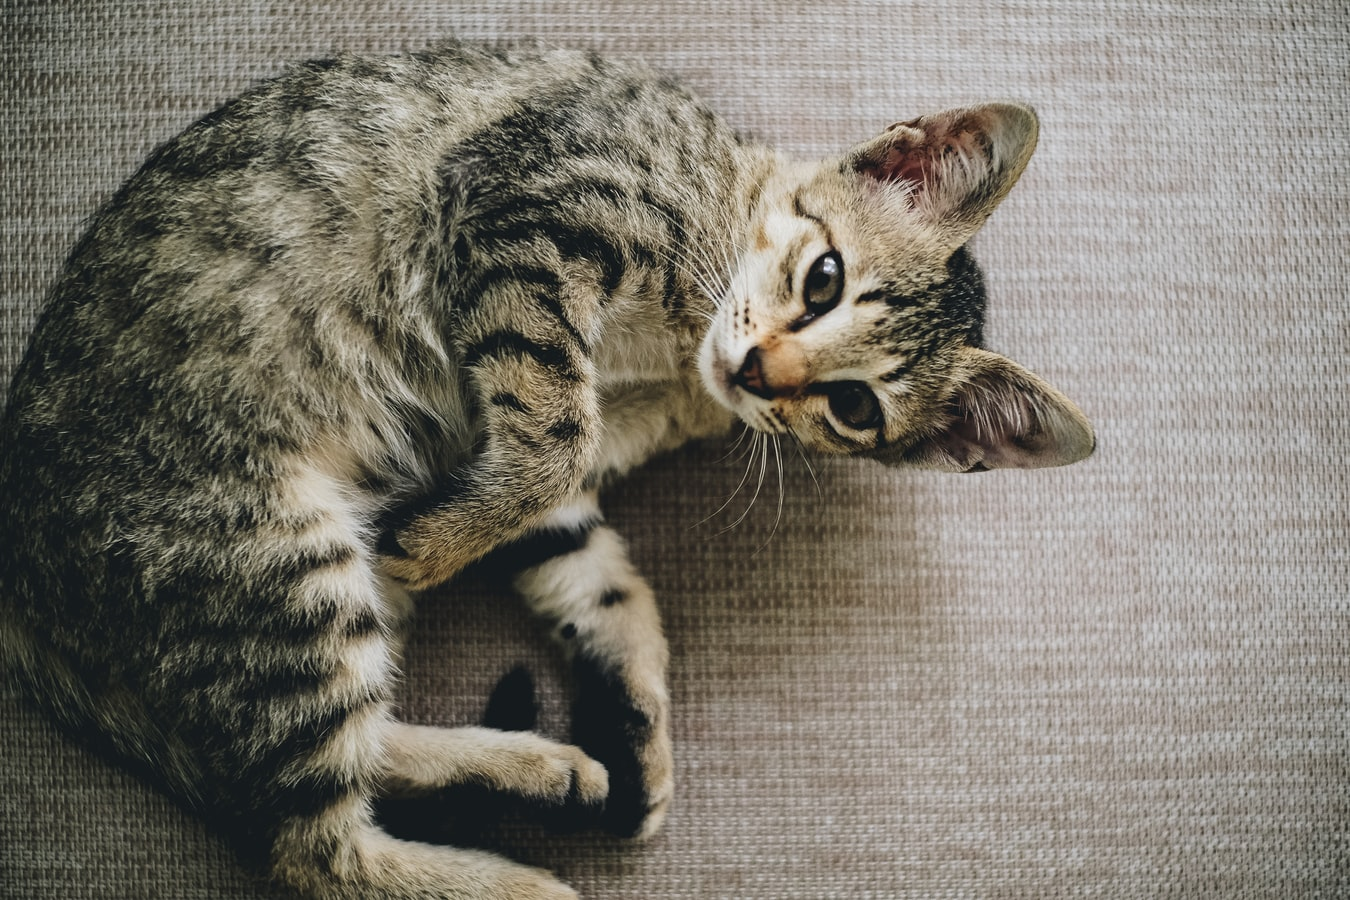 القيء عند القطط تفسيره والمخاطر الصحية التي يسببها التعرض له عدة مرات